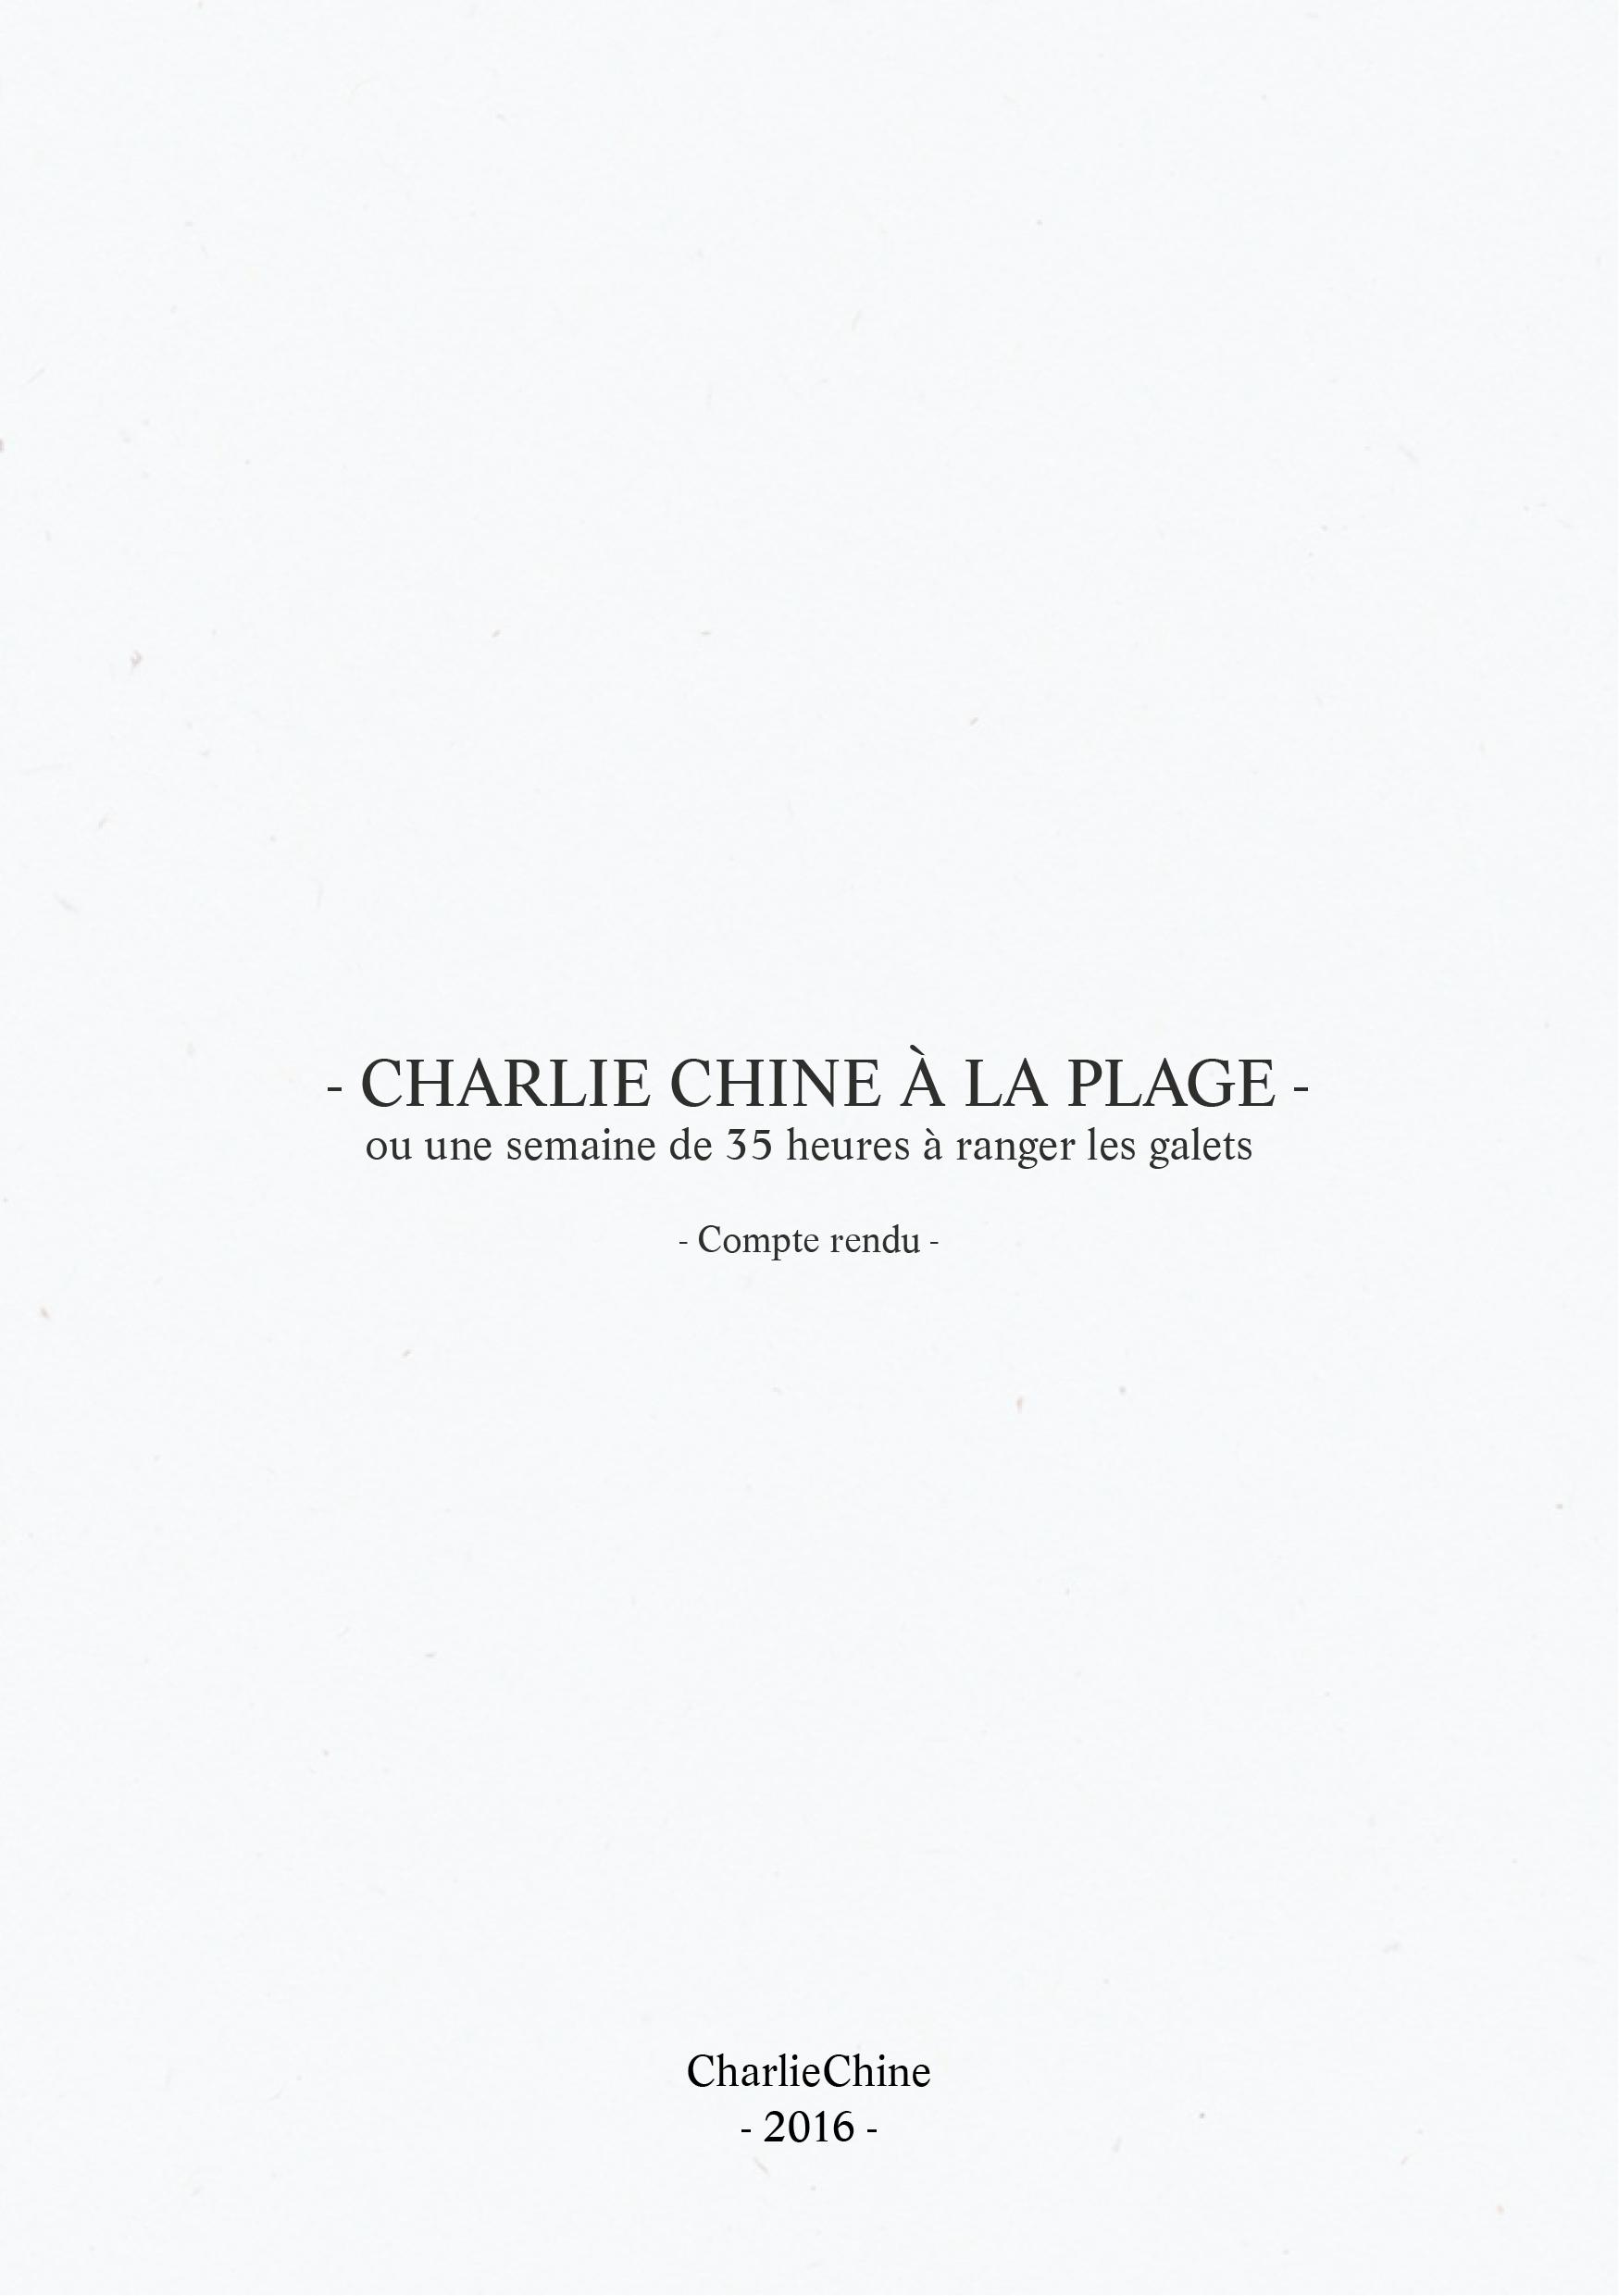 2016_charliechine_alaplagecharliechine_versionweb